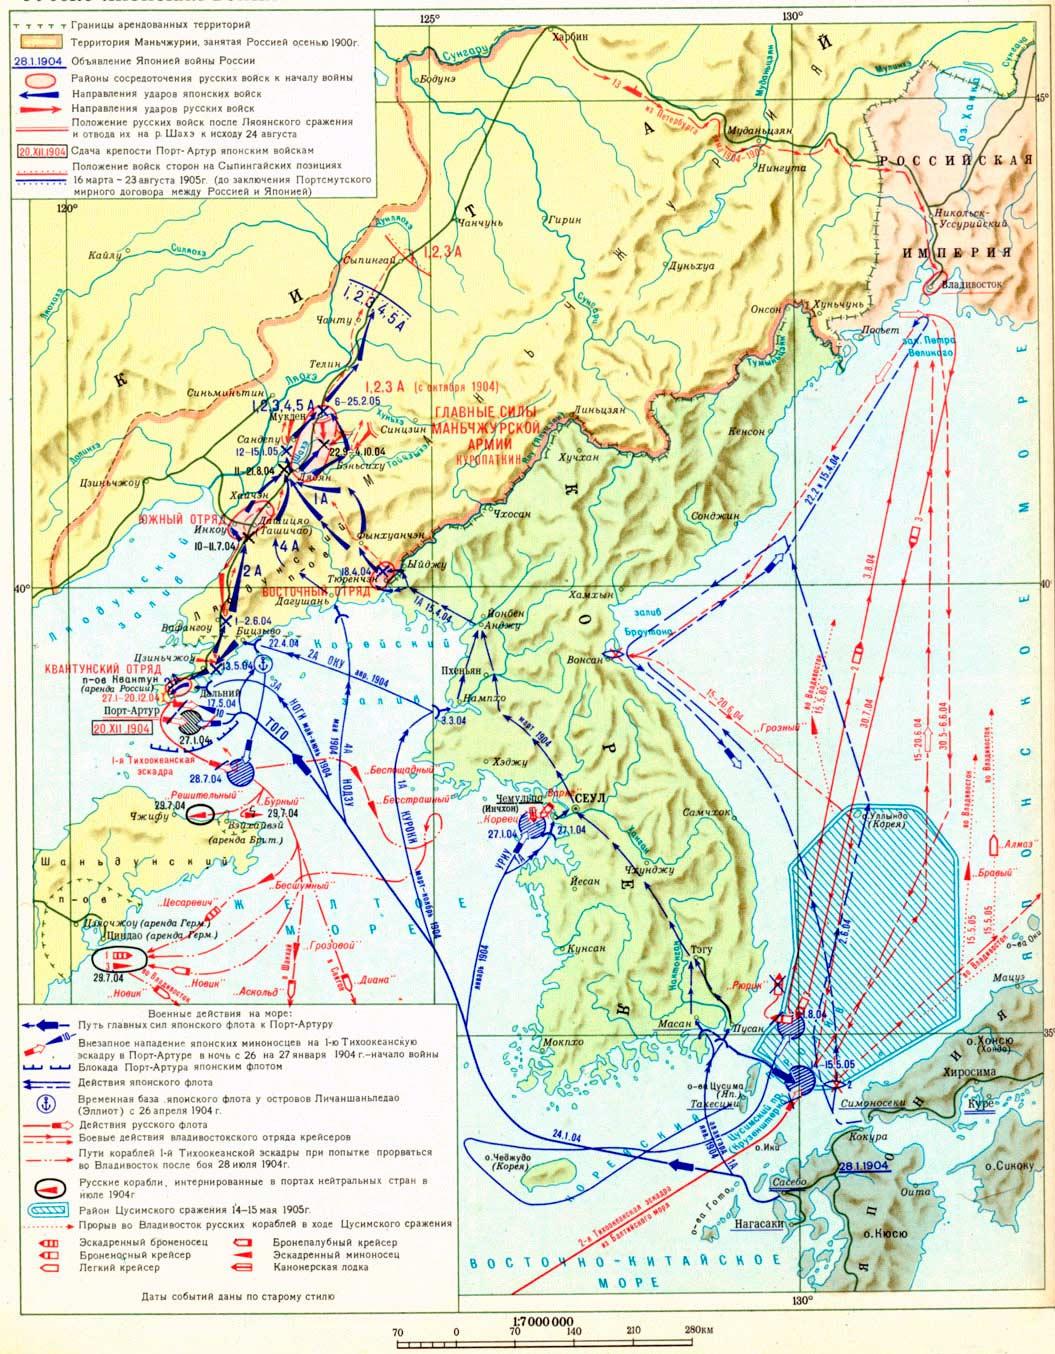 порт артур был сдан русскими войсками в